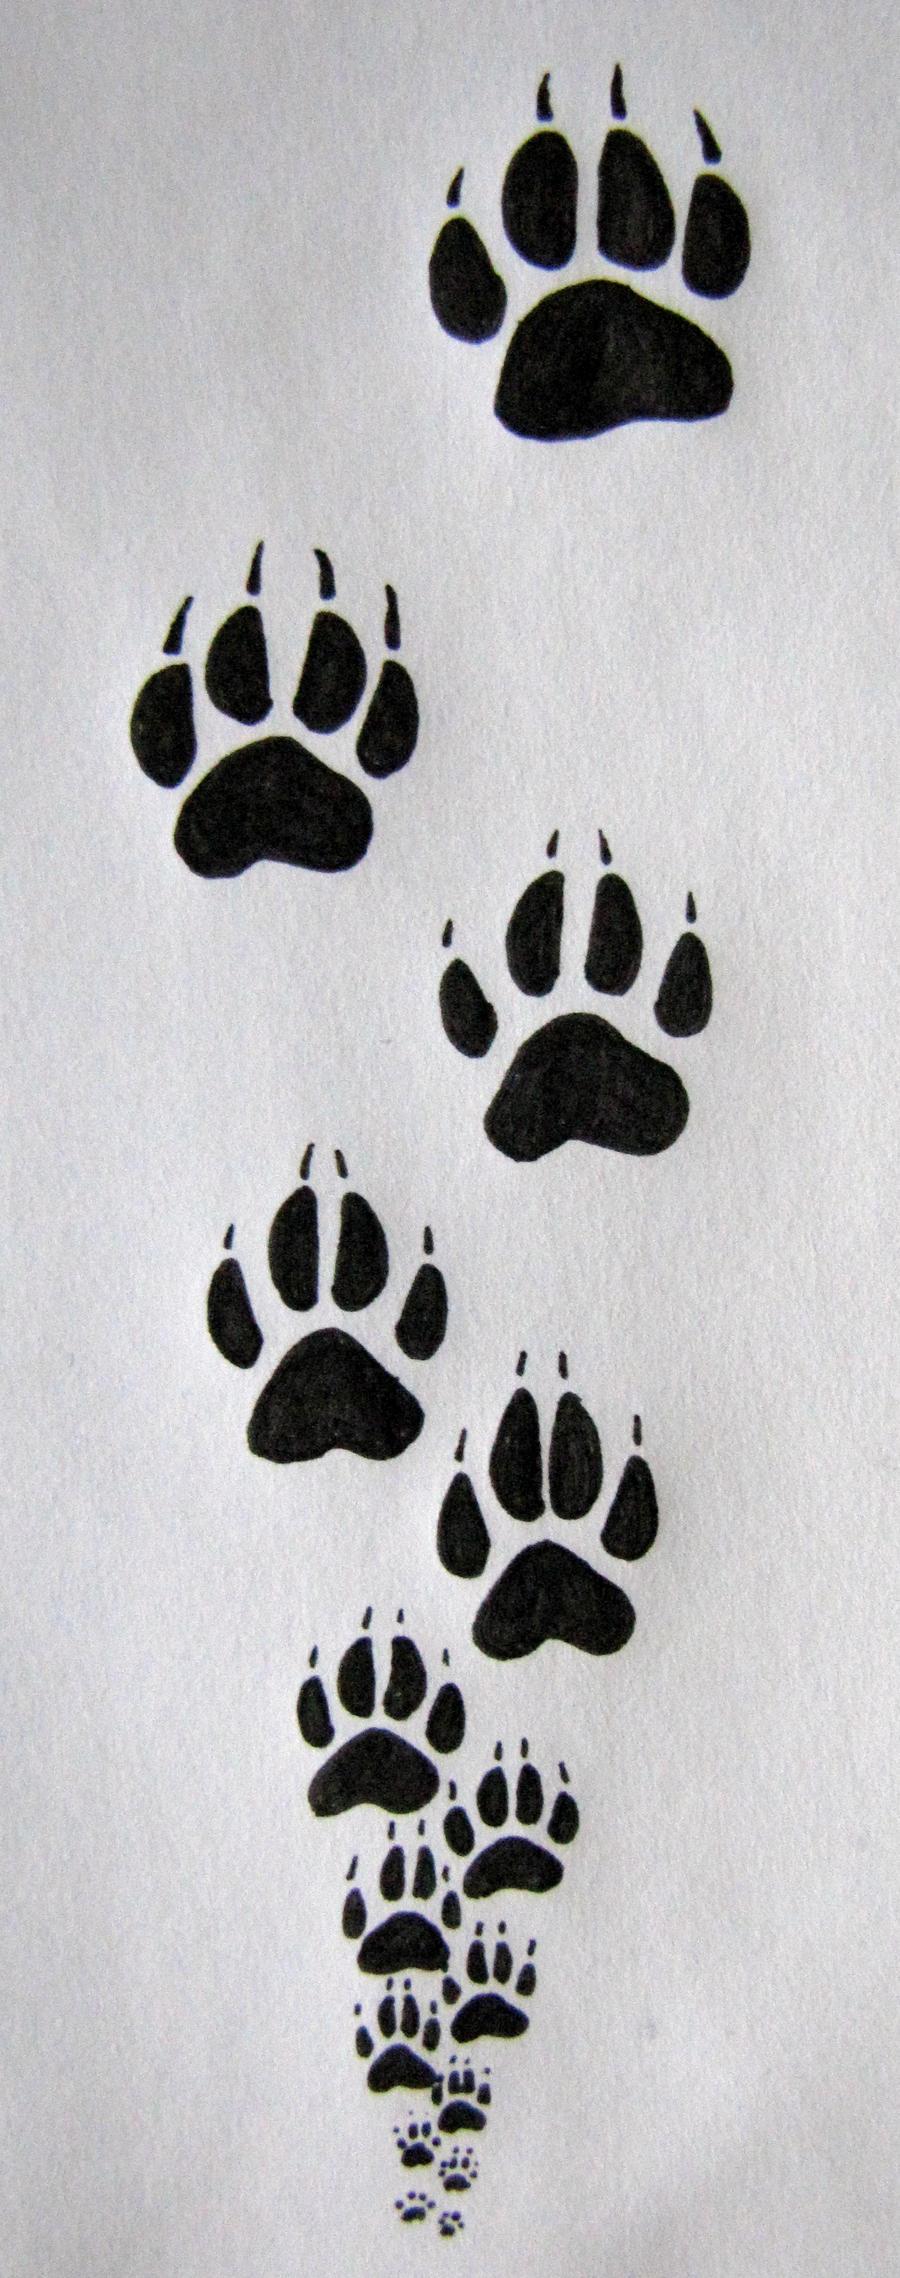 Steps Drawing Paw Prints By Acinonyxrex